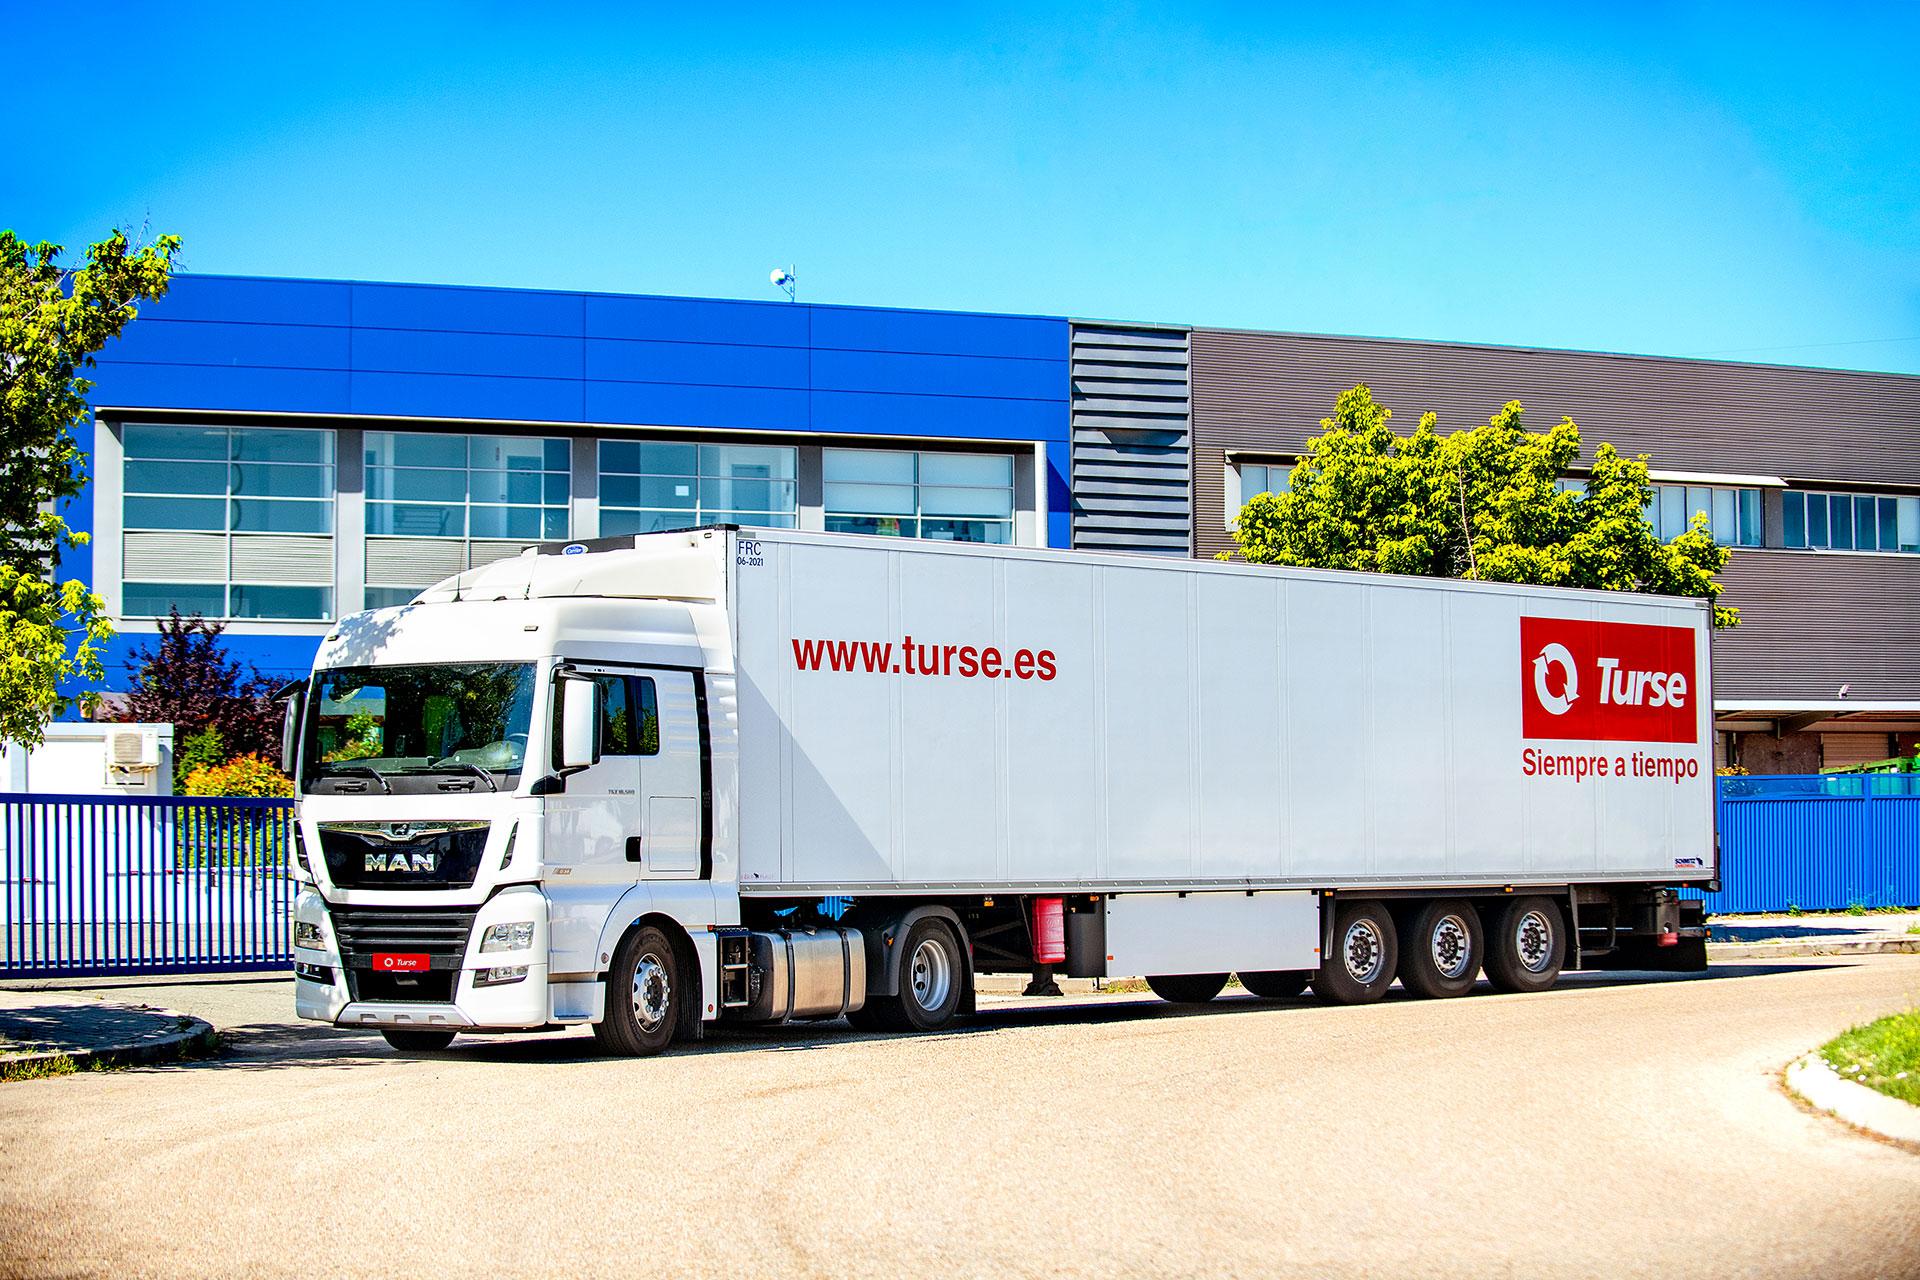 Turse - Empresa de transporte y logística - Siempre a tiempo